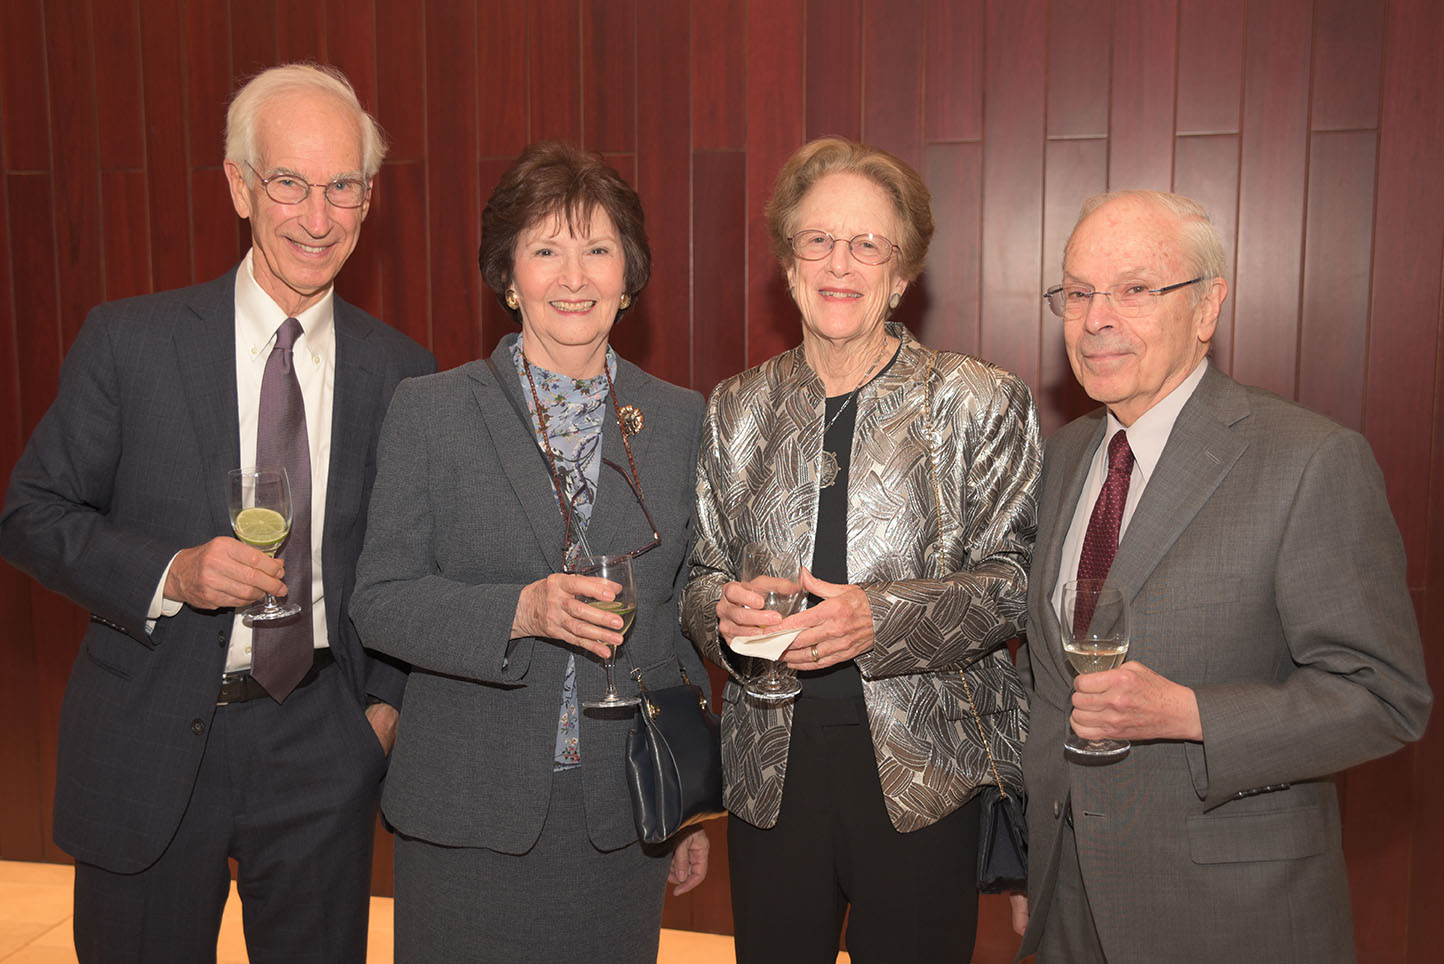 Irv Flinn, Elaine Weiler, Elizabeth Flinn, Board member Alan Weiler